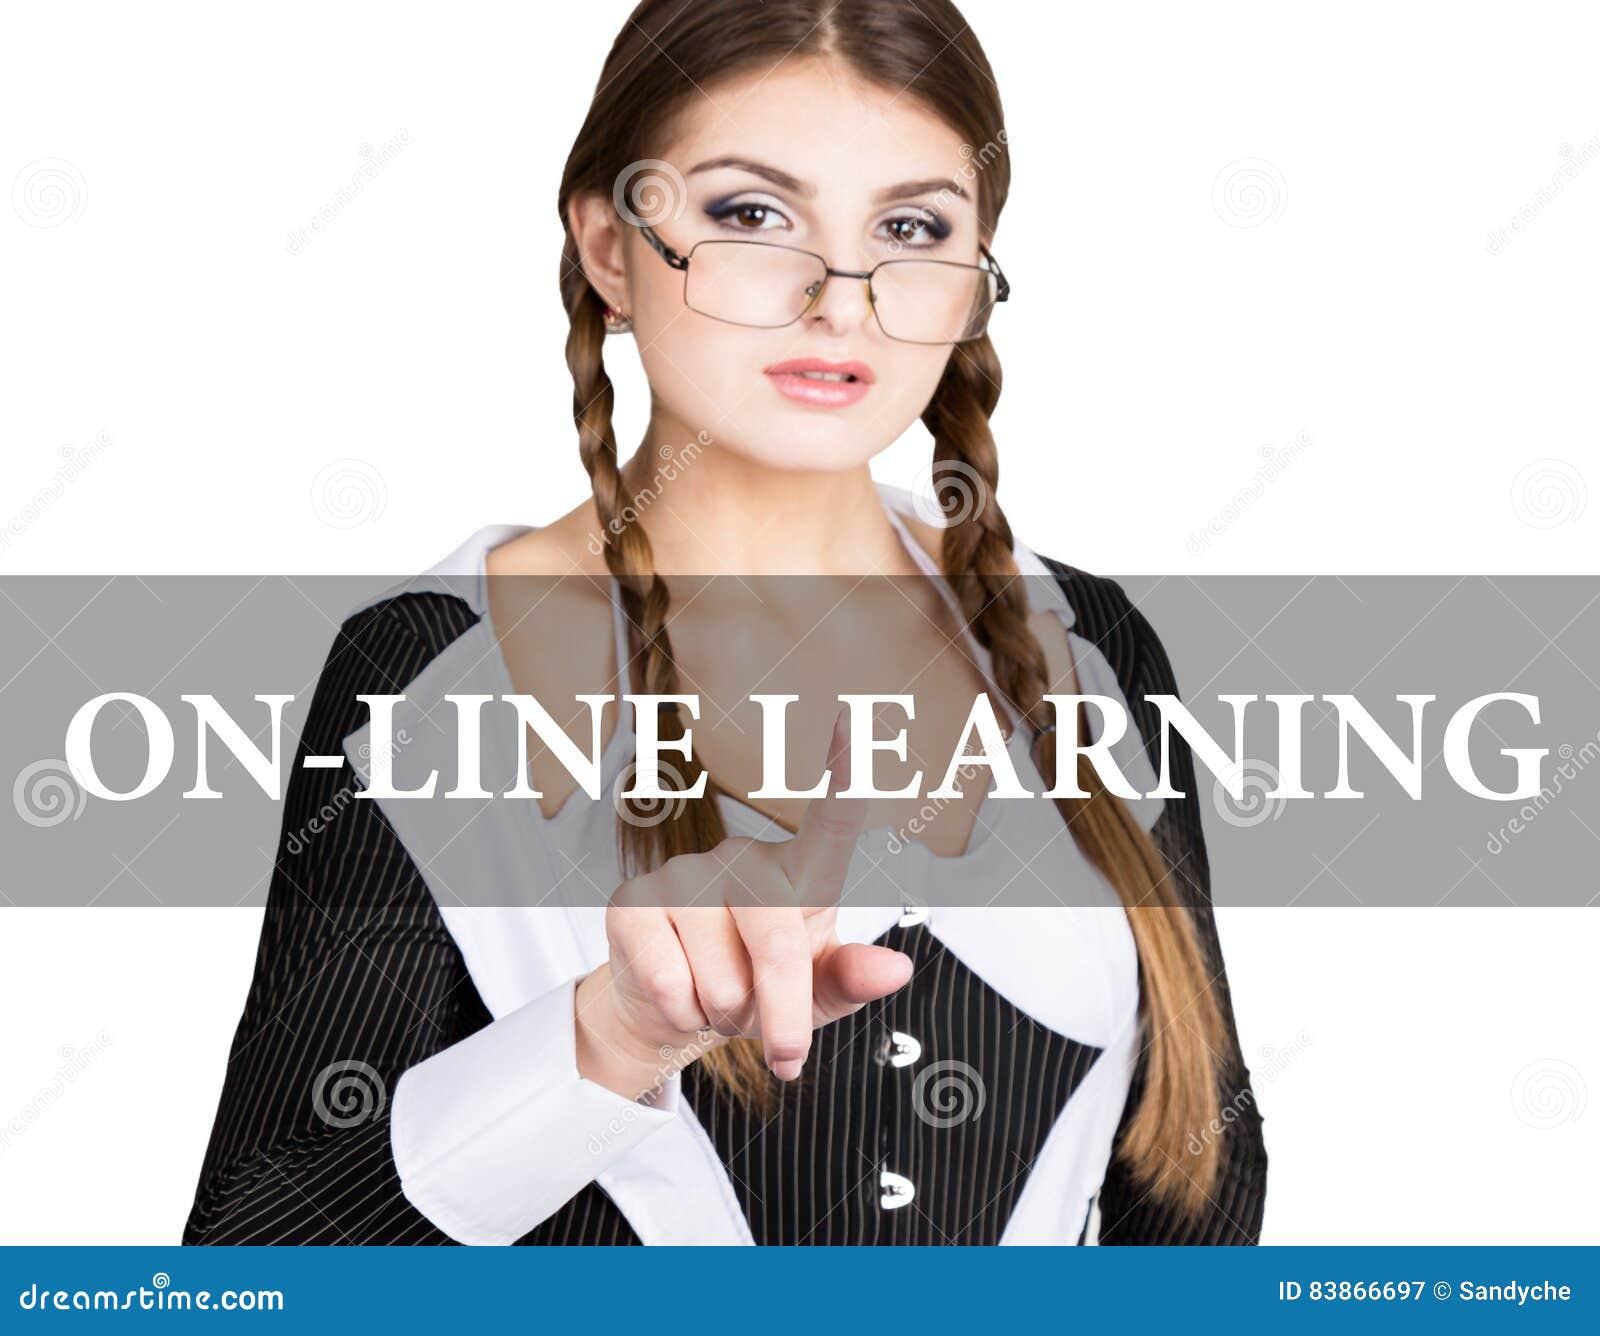 On Line Learning Written On Virtual Screen Secretary In A